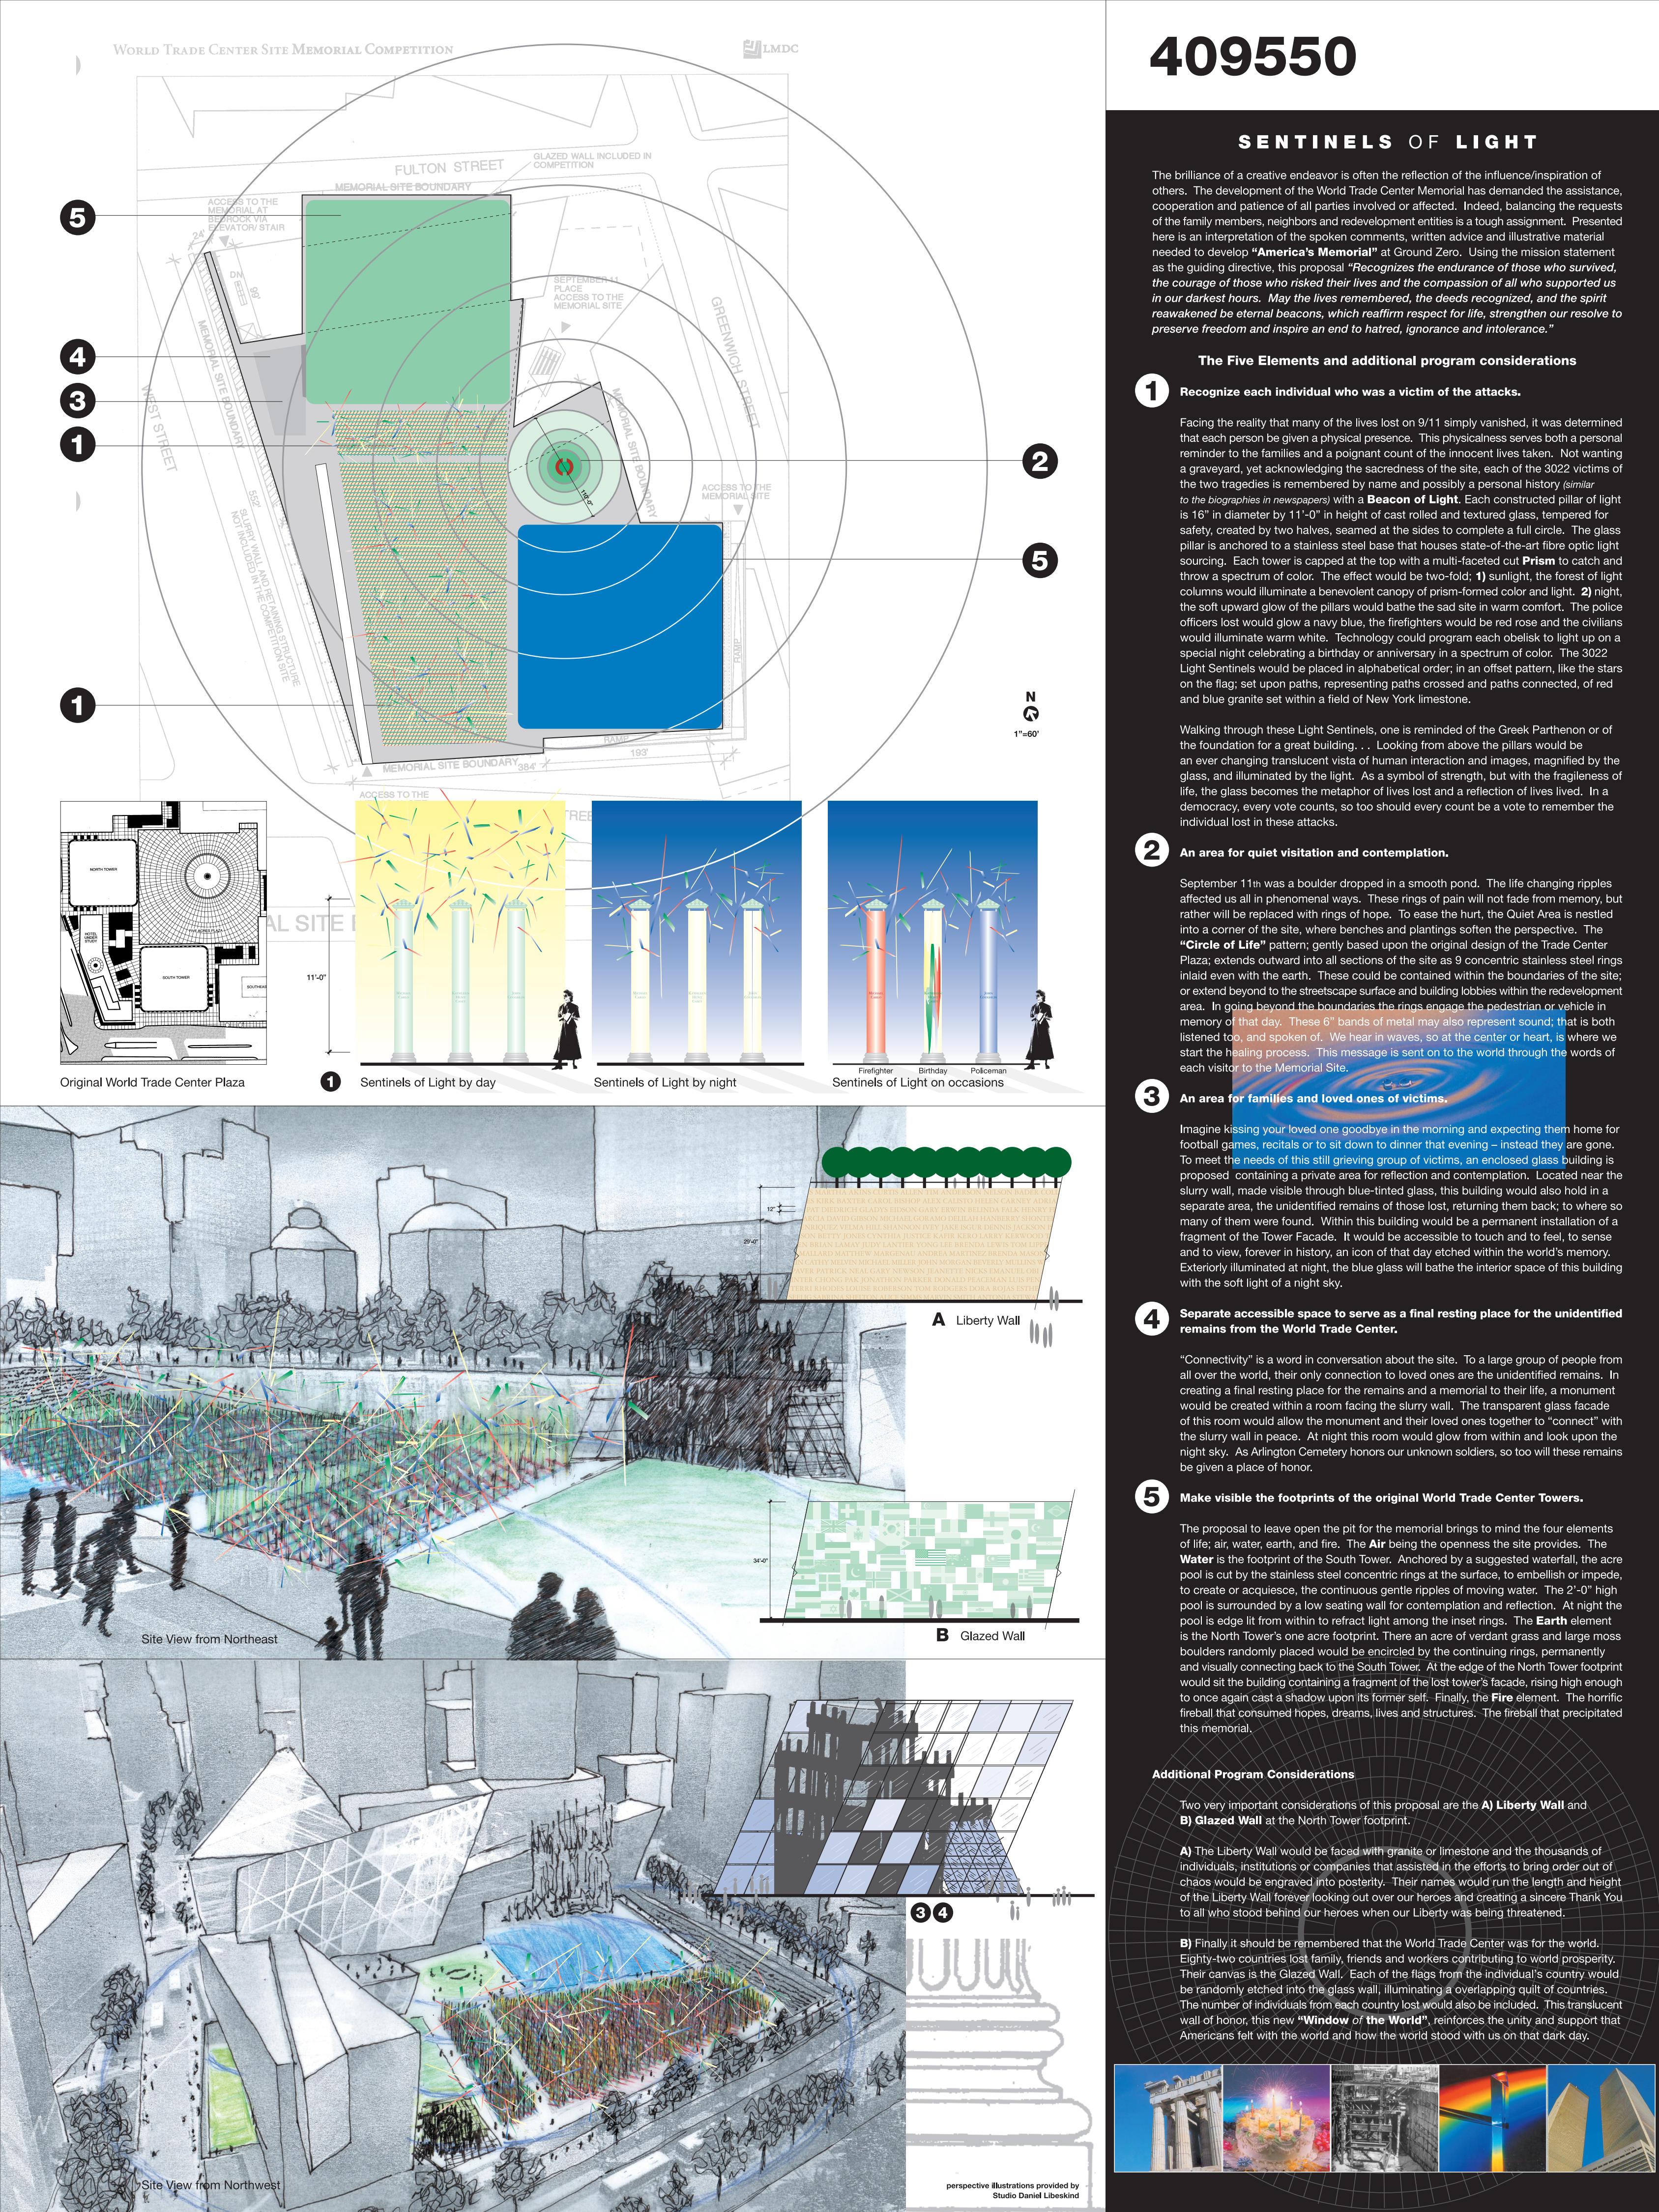 9/11 Memorial Design Competition